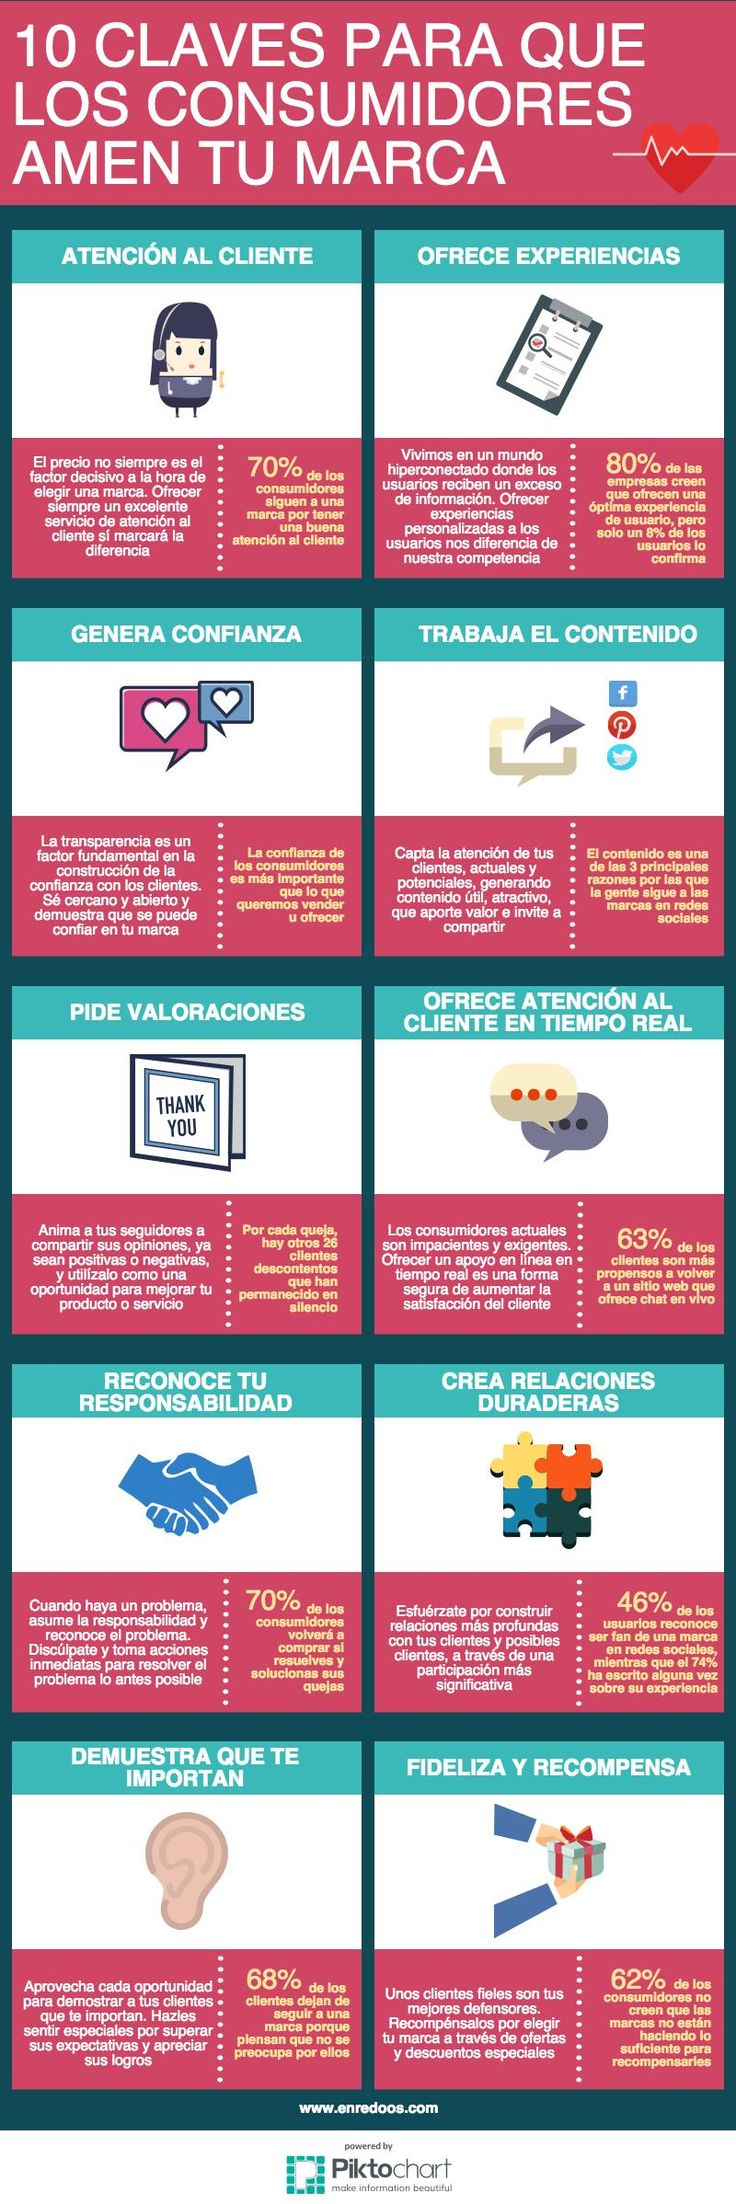 10 claves para que los consumidores amen tu Marca #infografia